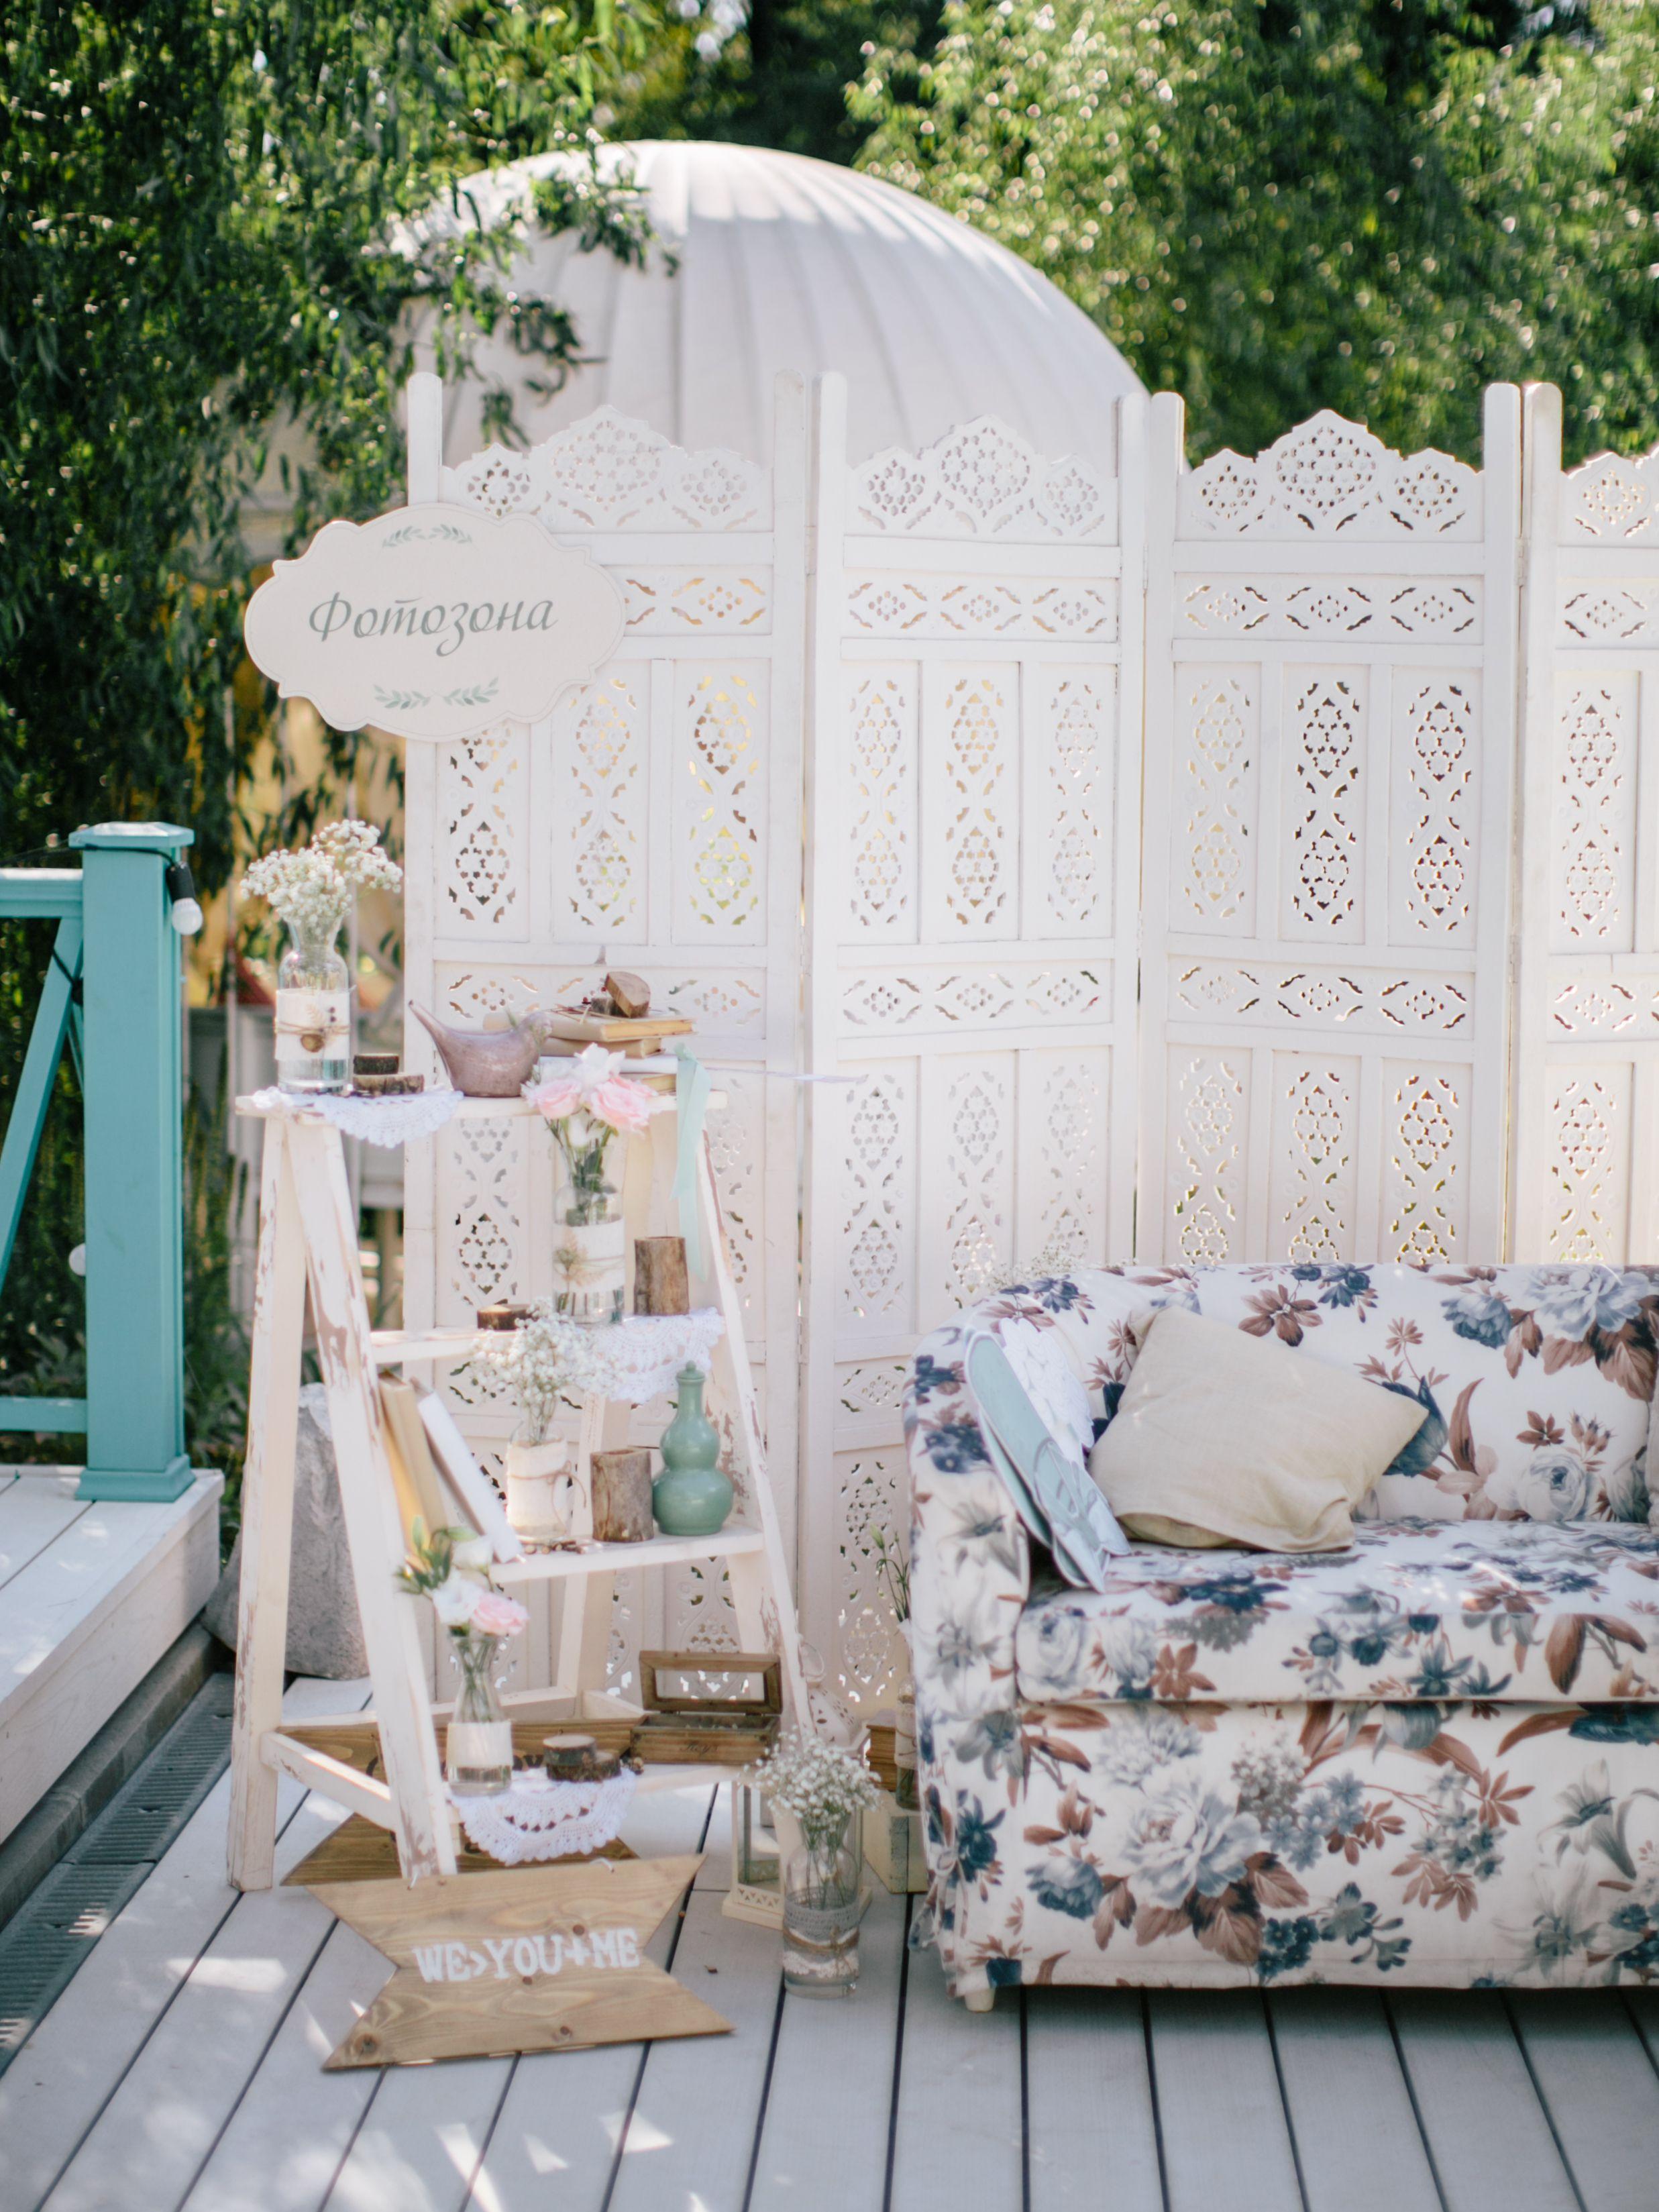 wedding photo zone, wedding photo, wedding decor, summer wedding photo zone, tender photo zone, flowers decor, свадебная фотозона, оформление свадьбы, летняя свадьба, цветочное оформление, декор, цветы